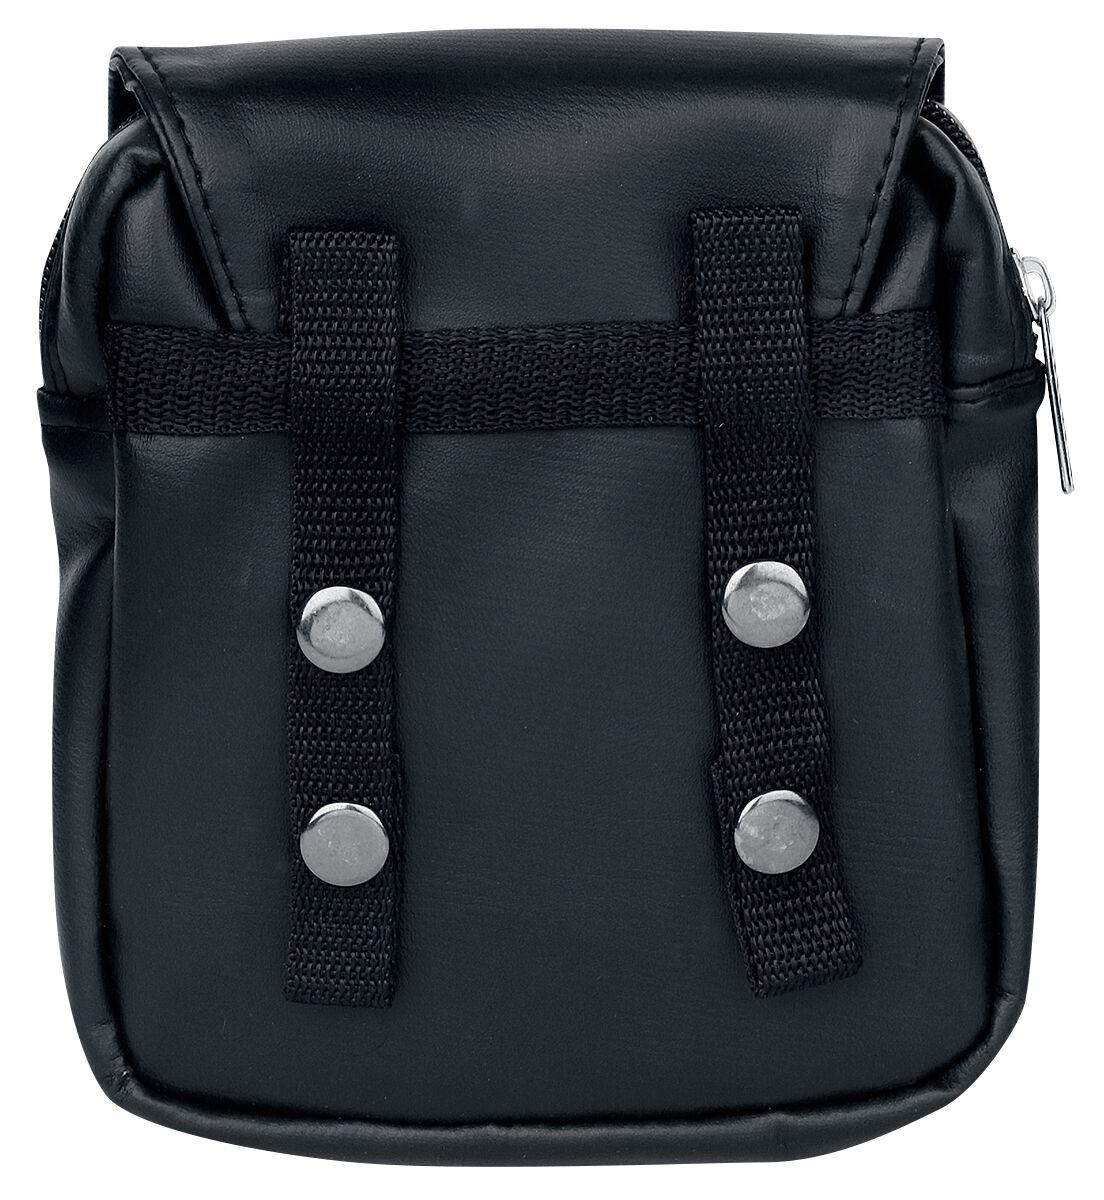 marsupio kilt black premium by emp bolsa para cintur n emp